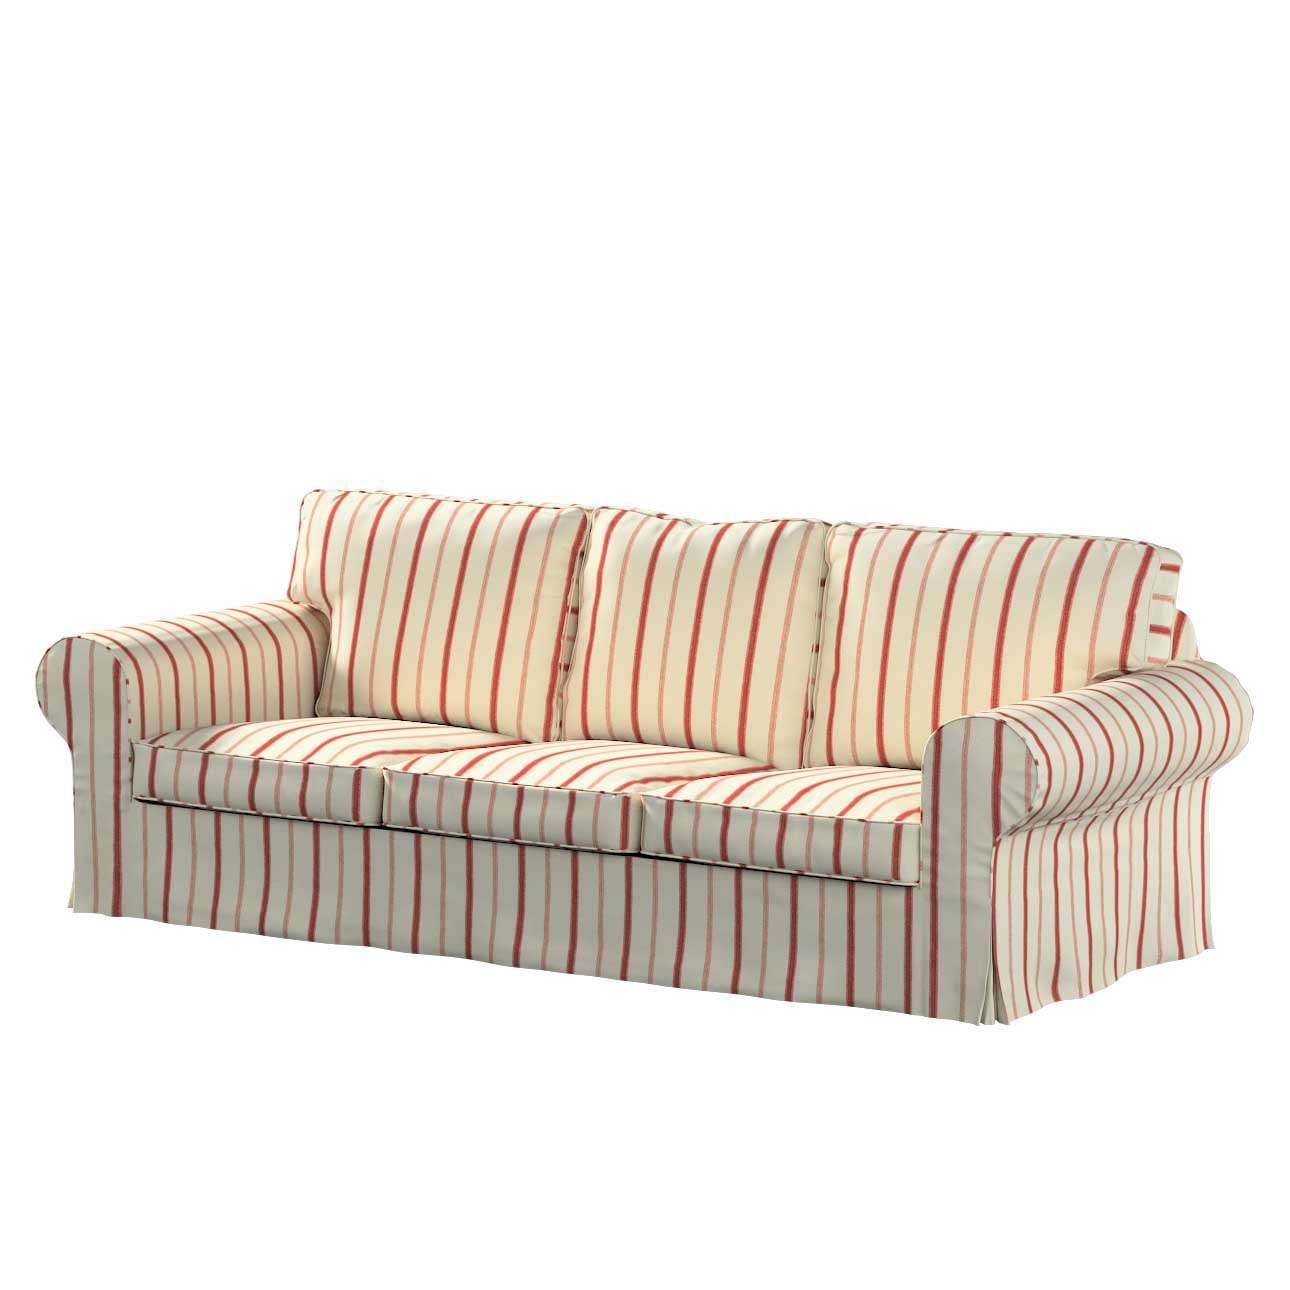 Pokrowiec na sofę Ektorp 3-osobową, rozkładaną w kolekcji Avinon, tkanina: 129-15